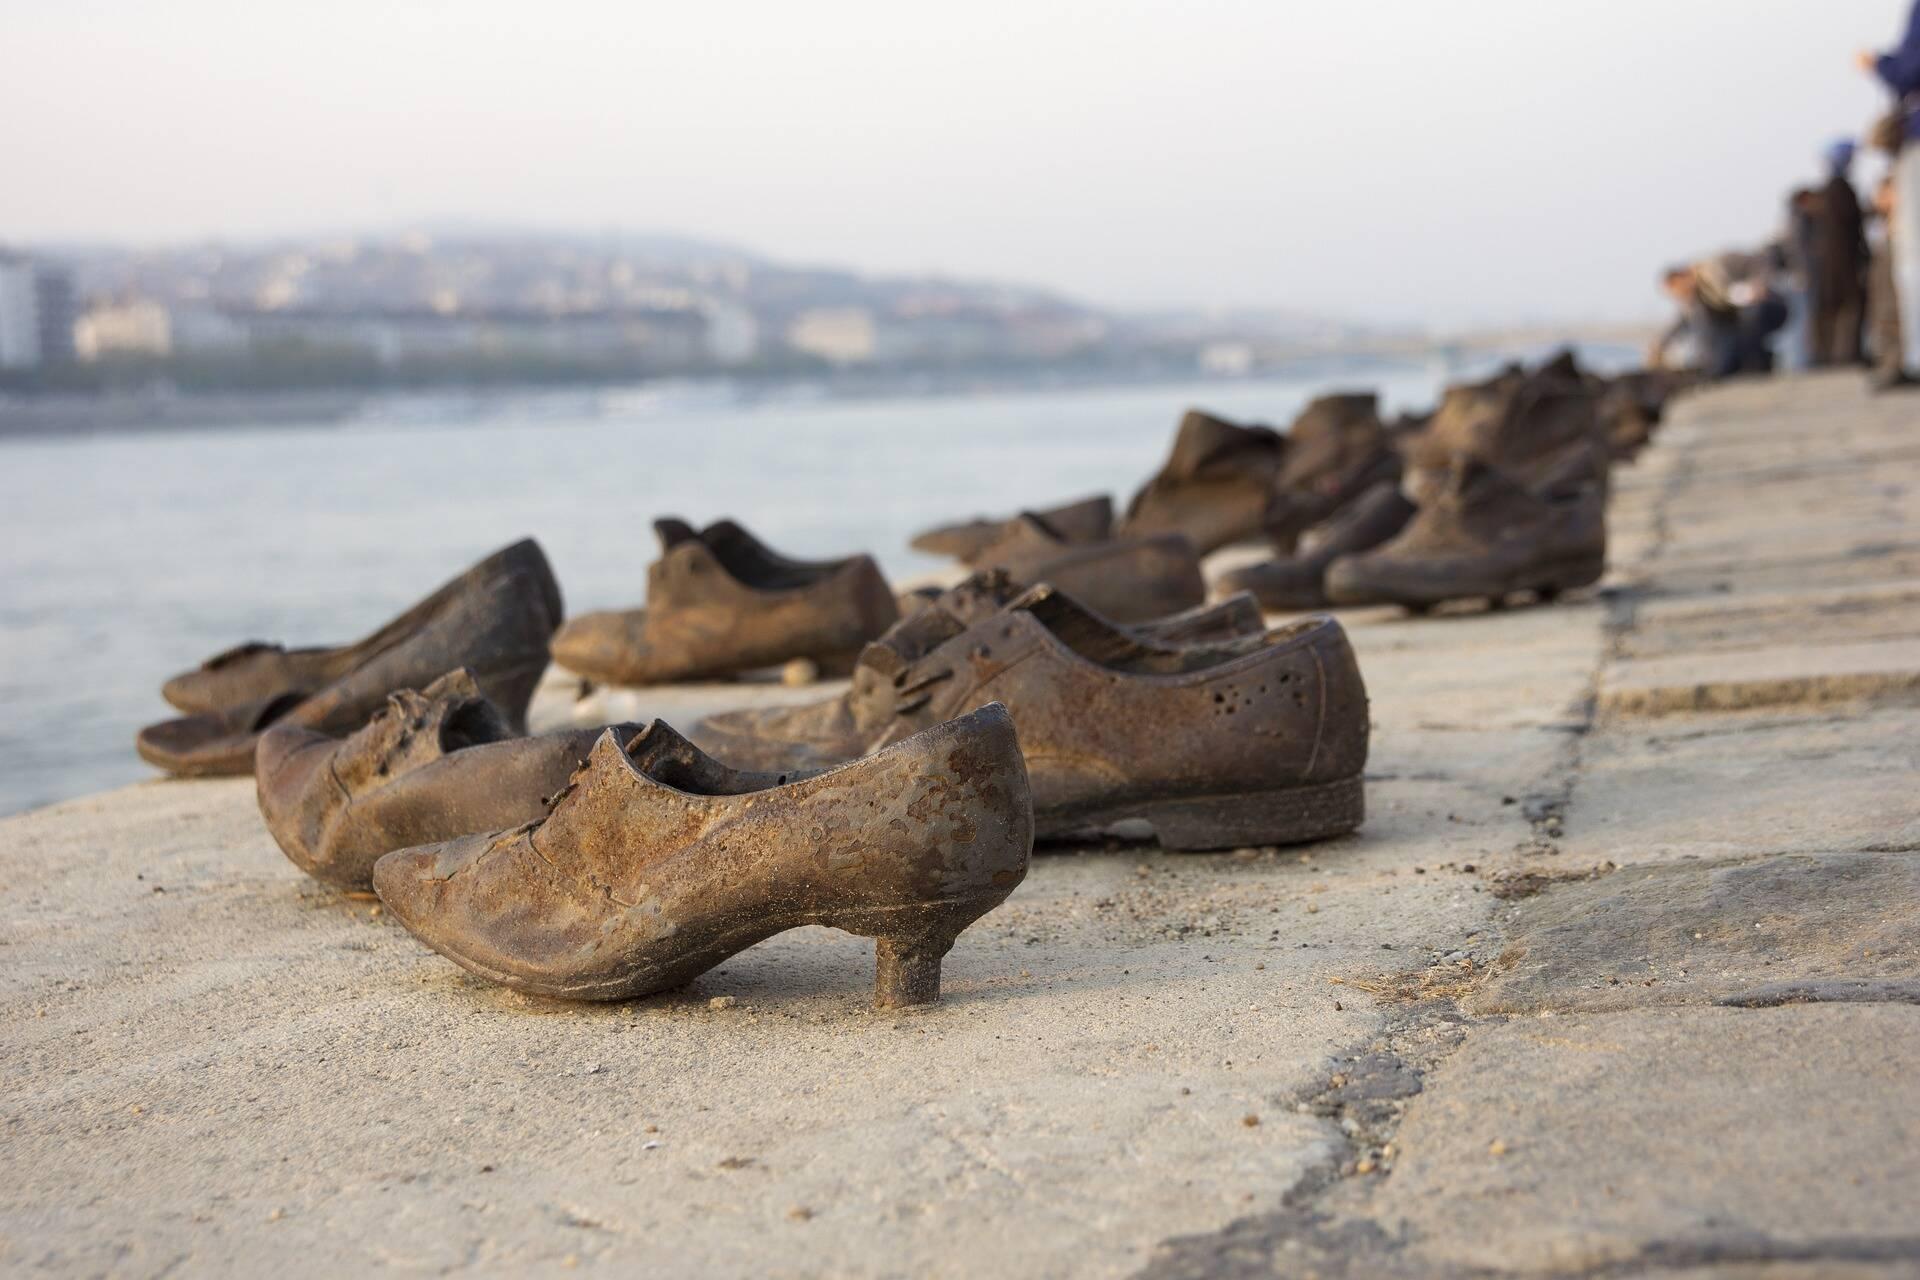 O número de desaparecidos ultrapassou de 40 mil, e ainda hoje, 17 anos após a tragédia, famílias ainda não encontram seus familiares. (Foto: Pixabay)